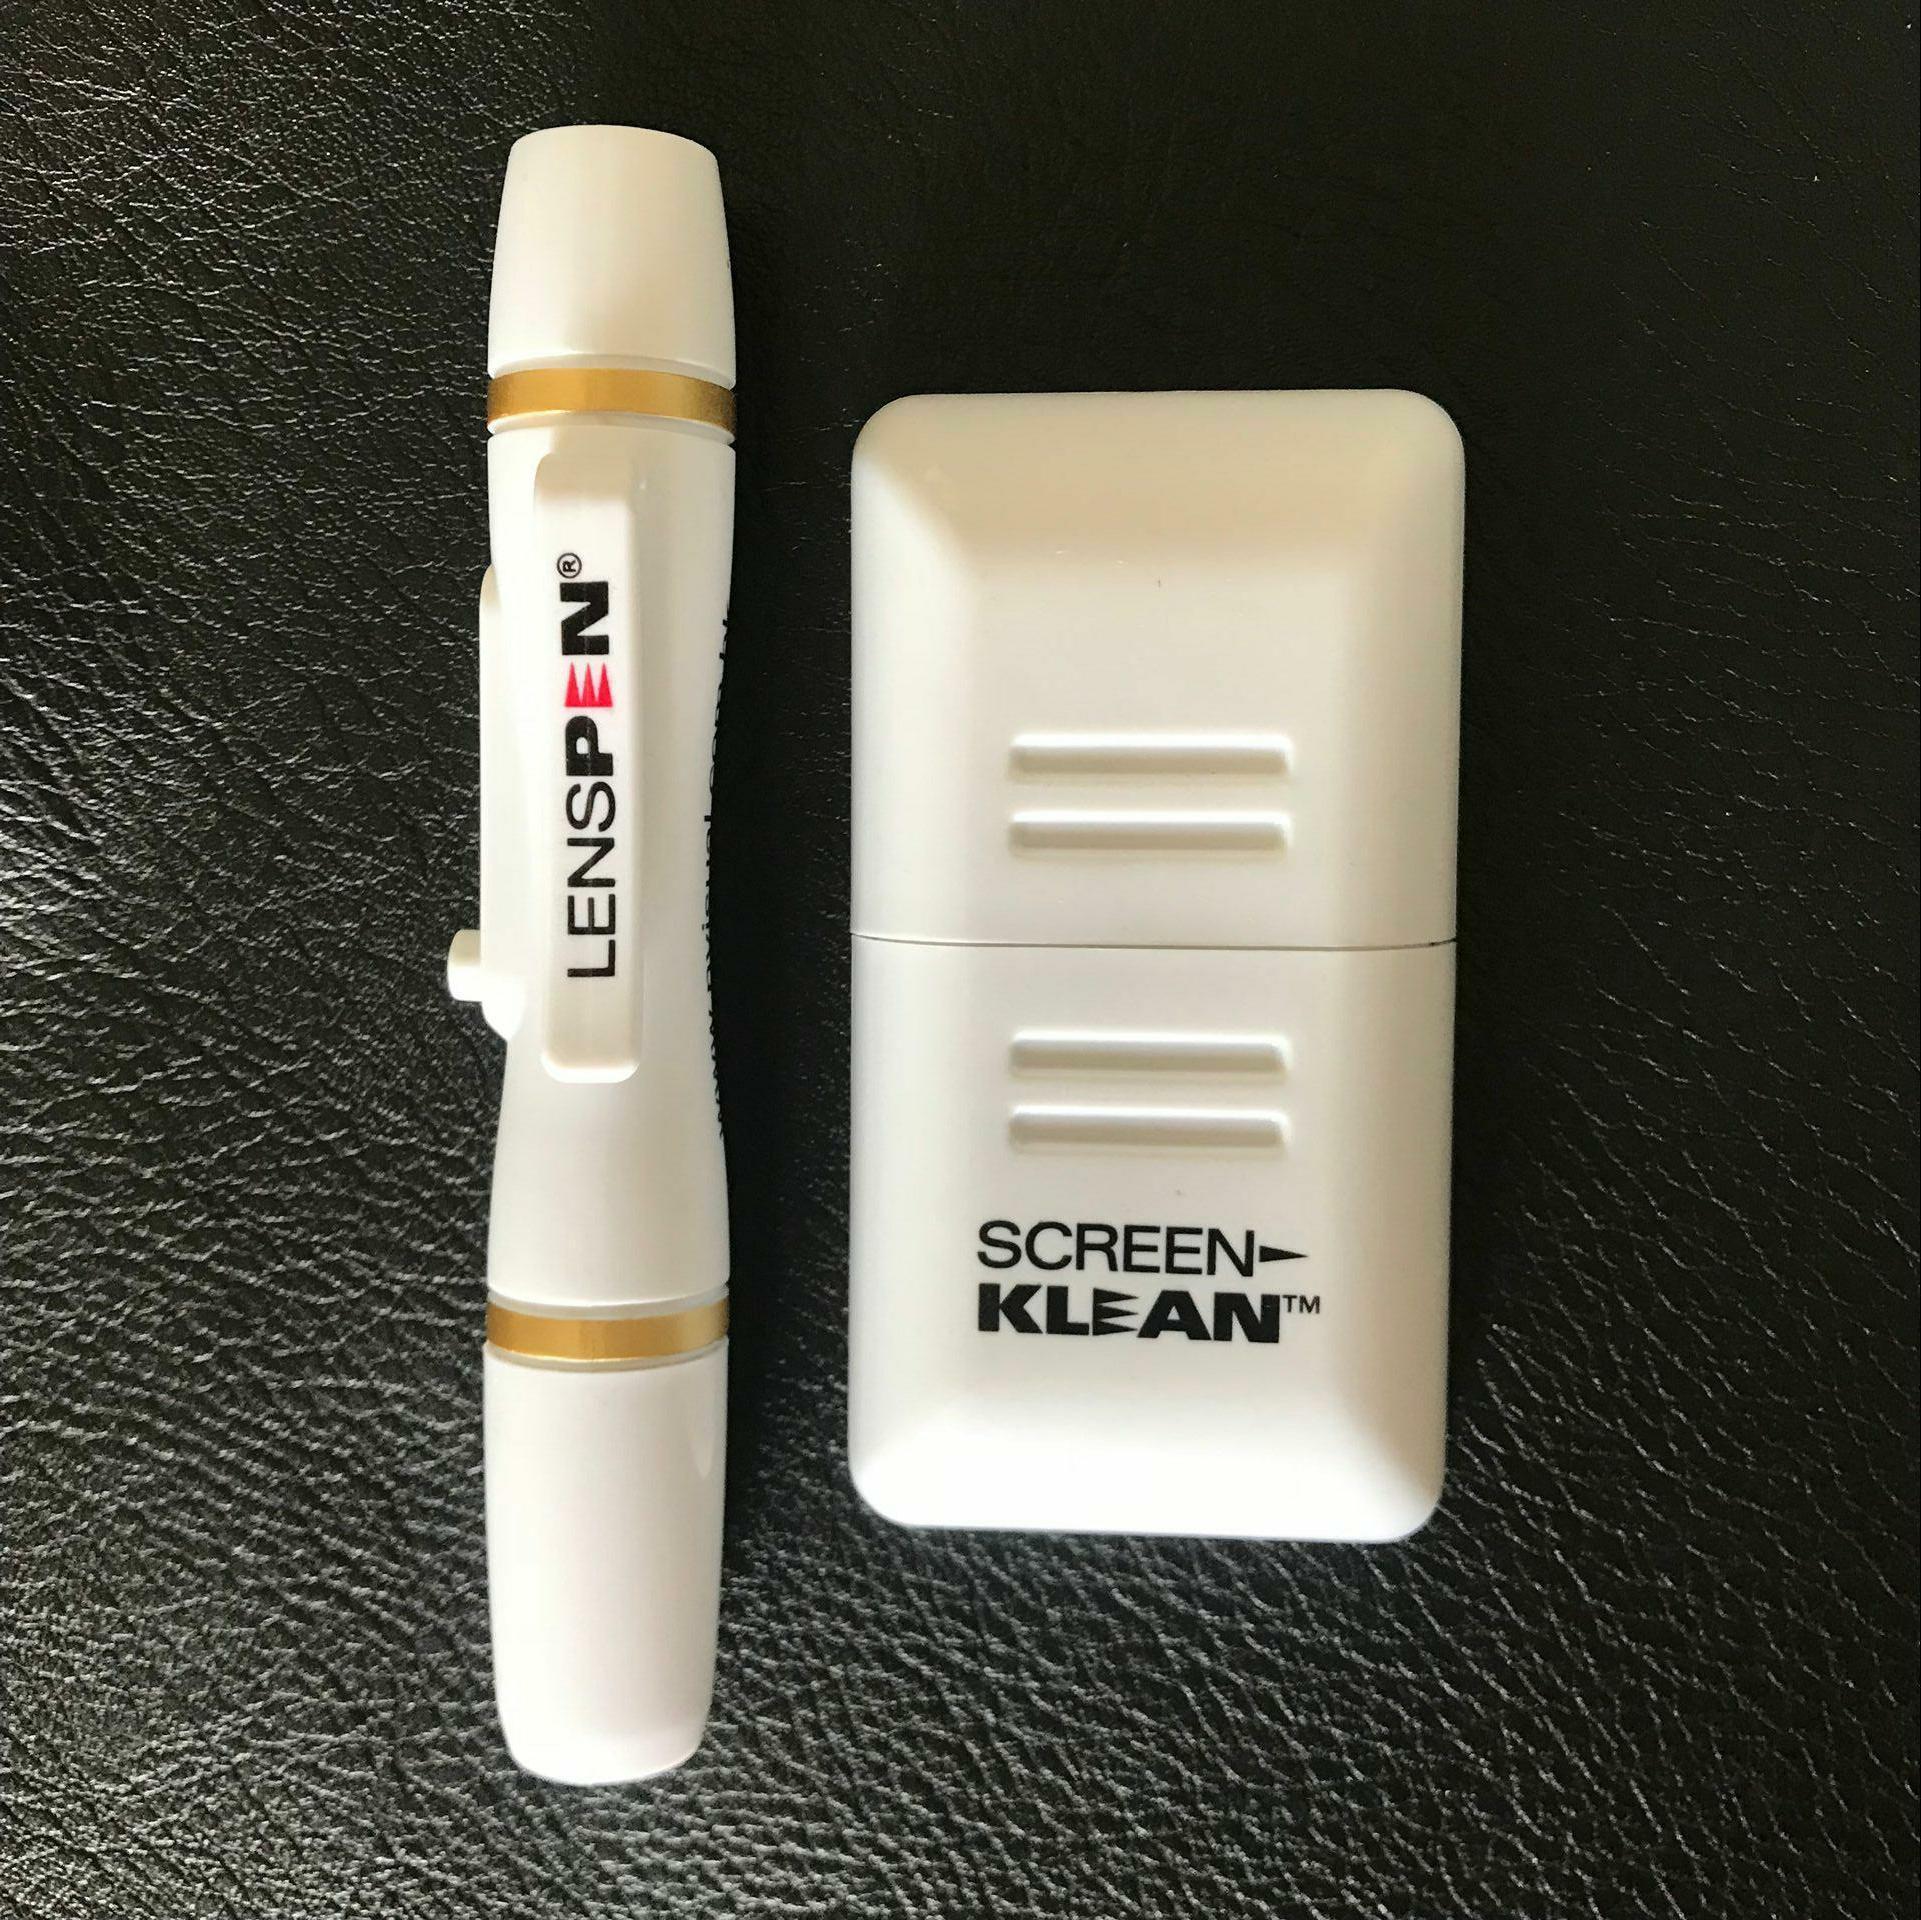 Genuine Original lens pen Lenspen NLP-1+SDK-1 Invisible Carbon Compound Lens Cleaner for canon nikon d90 60d d7000 550d 650d 5d2